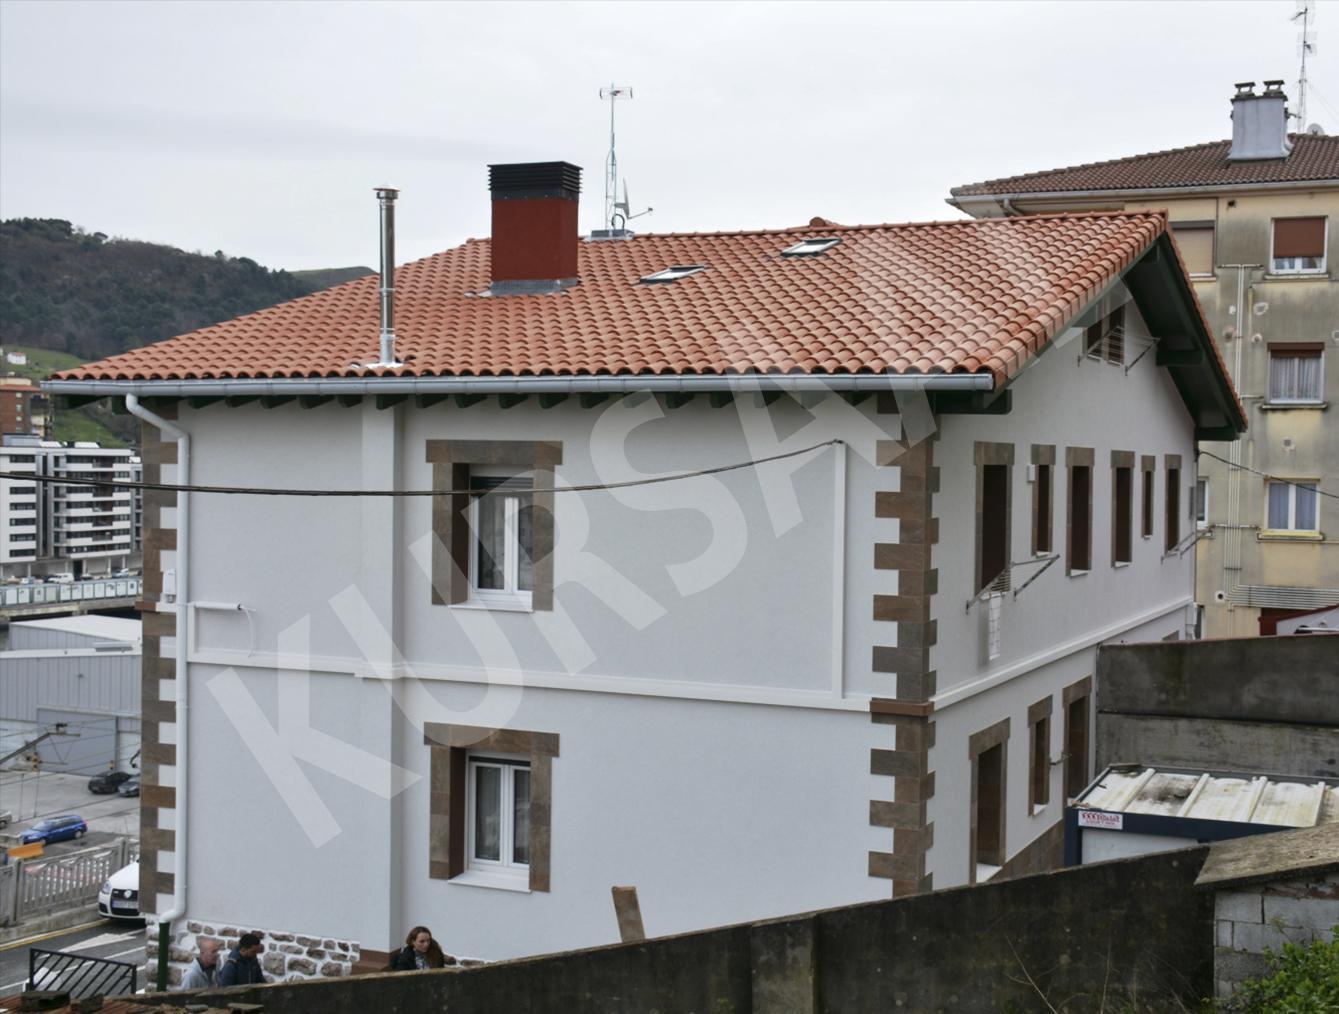 foto 8 - Aislamientos Térmicos y Eficiencia Energética-Calzada de Oleta 17-DONOSTIA